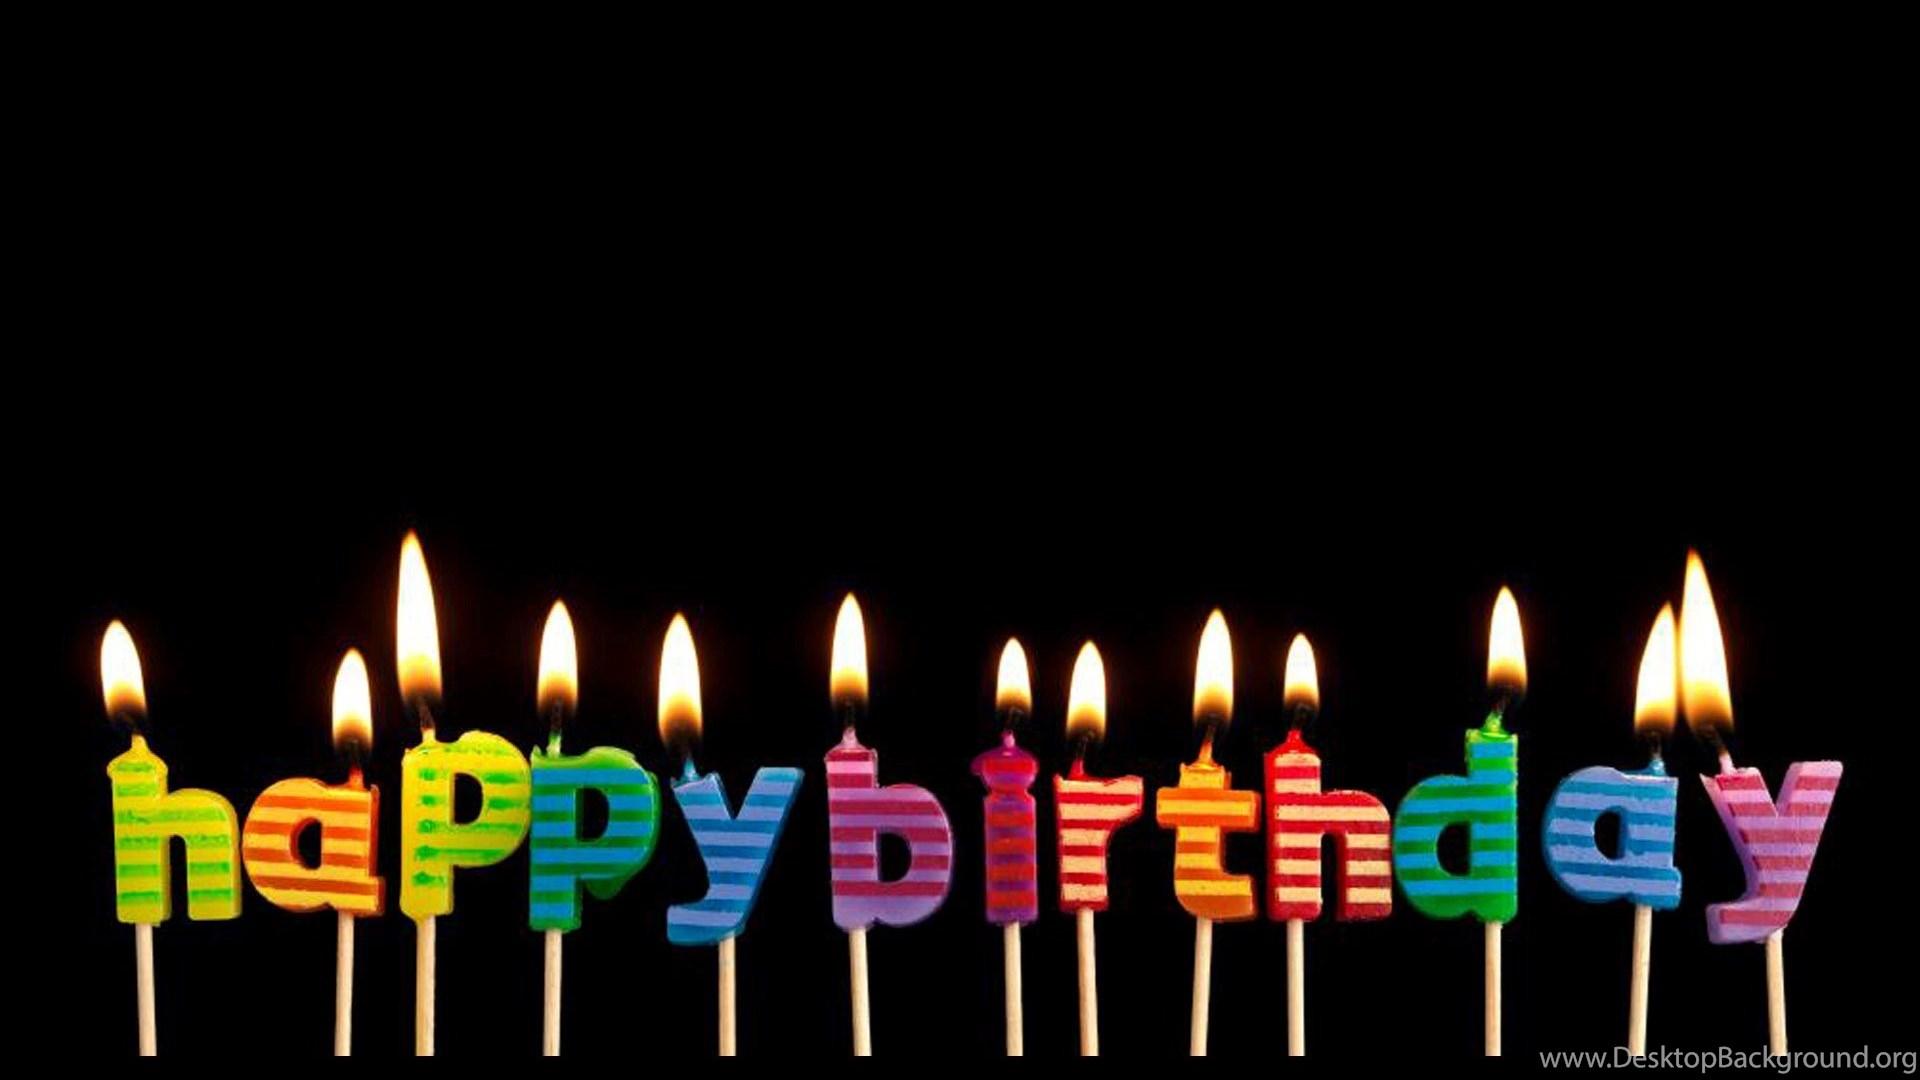 Поздравление с днем рождения st